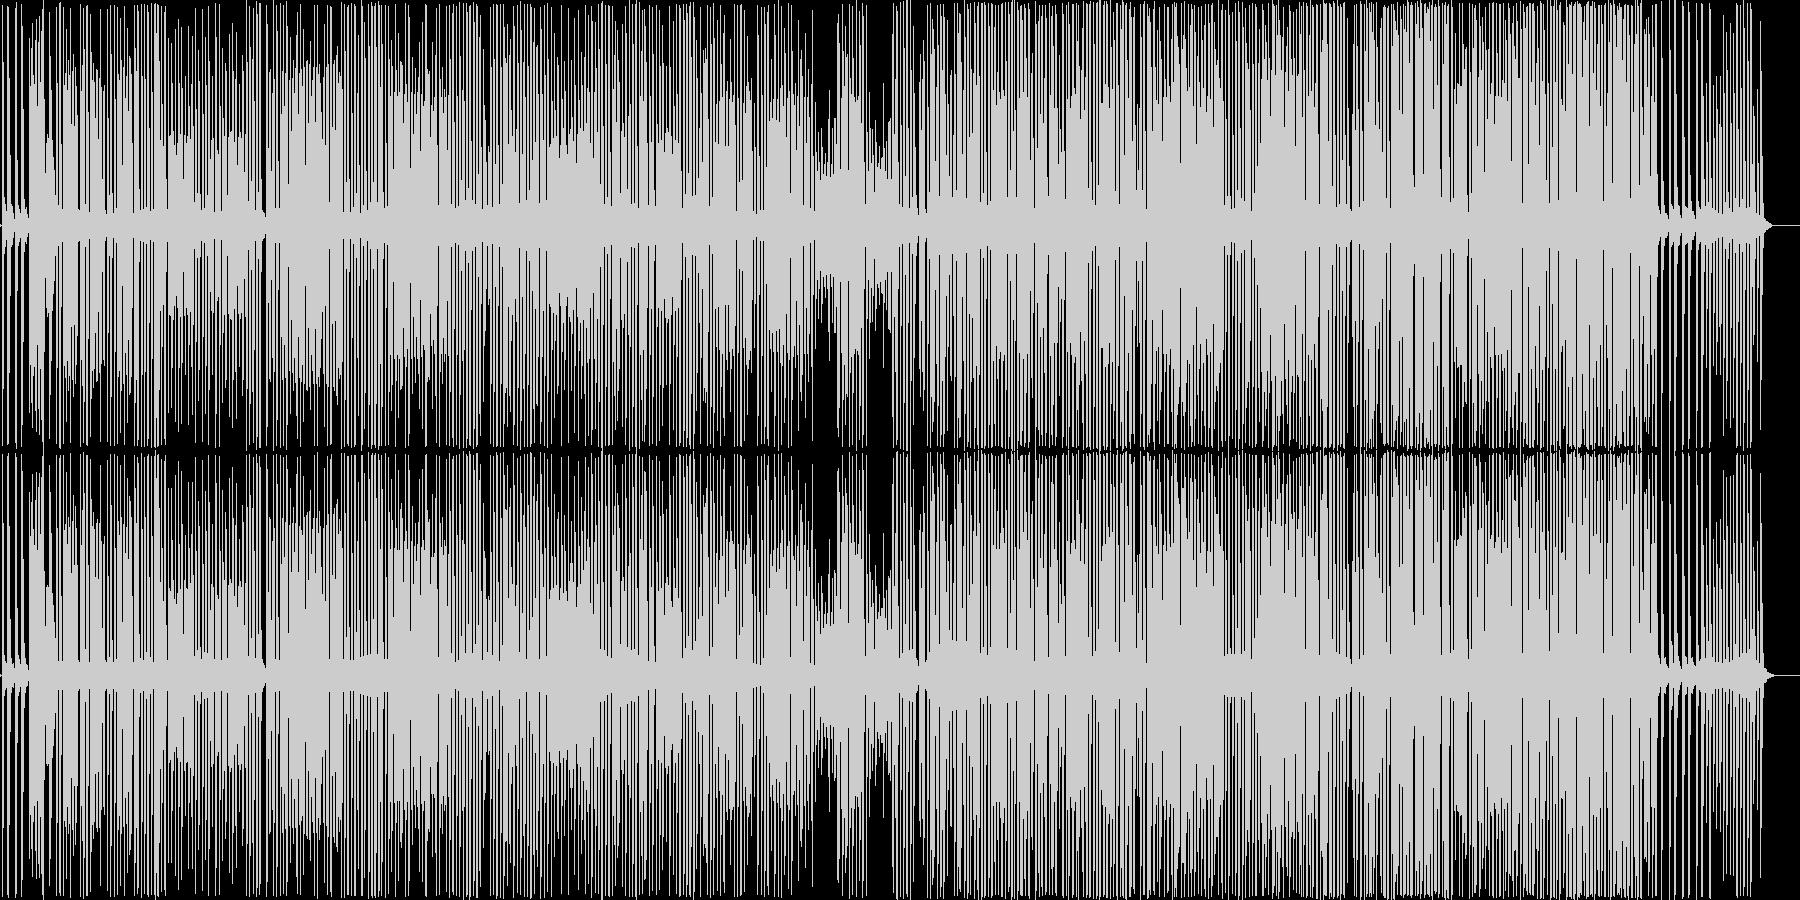 シンプルだけど楽しげなピコピコラグタイムの未再生の波形